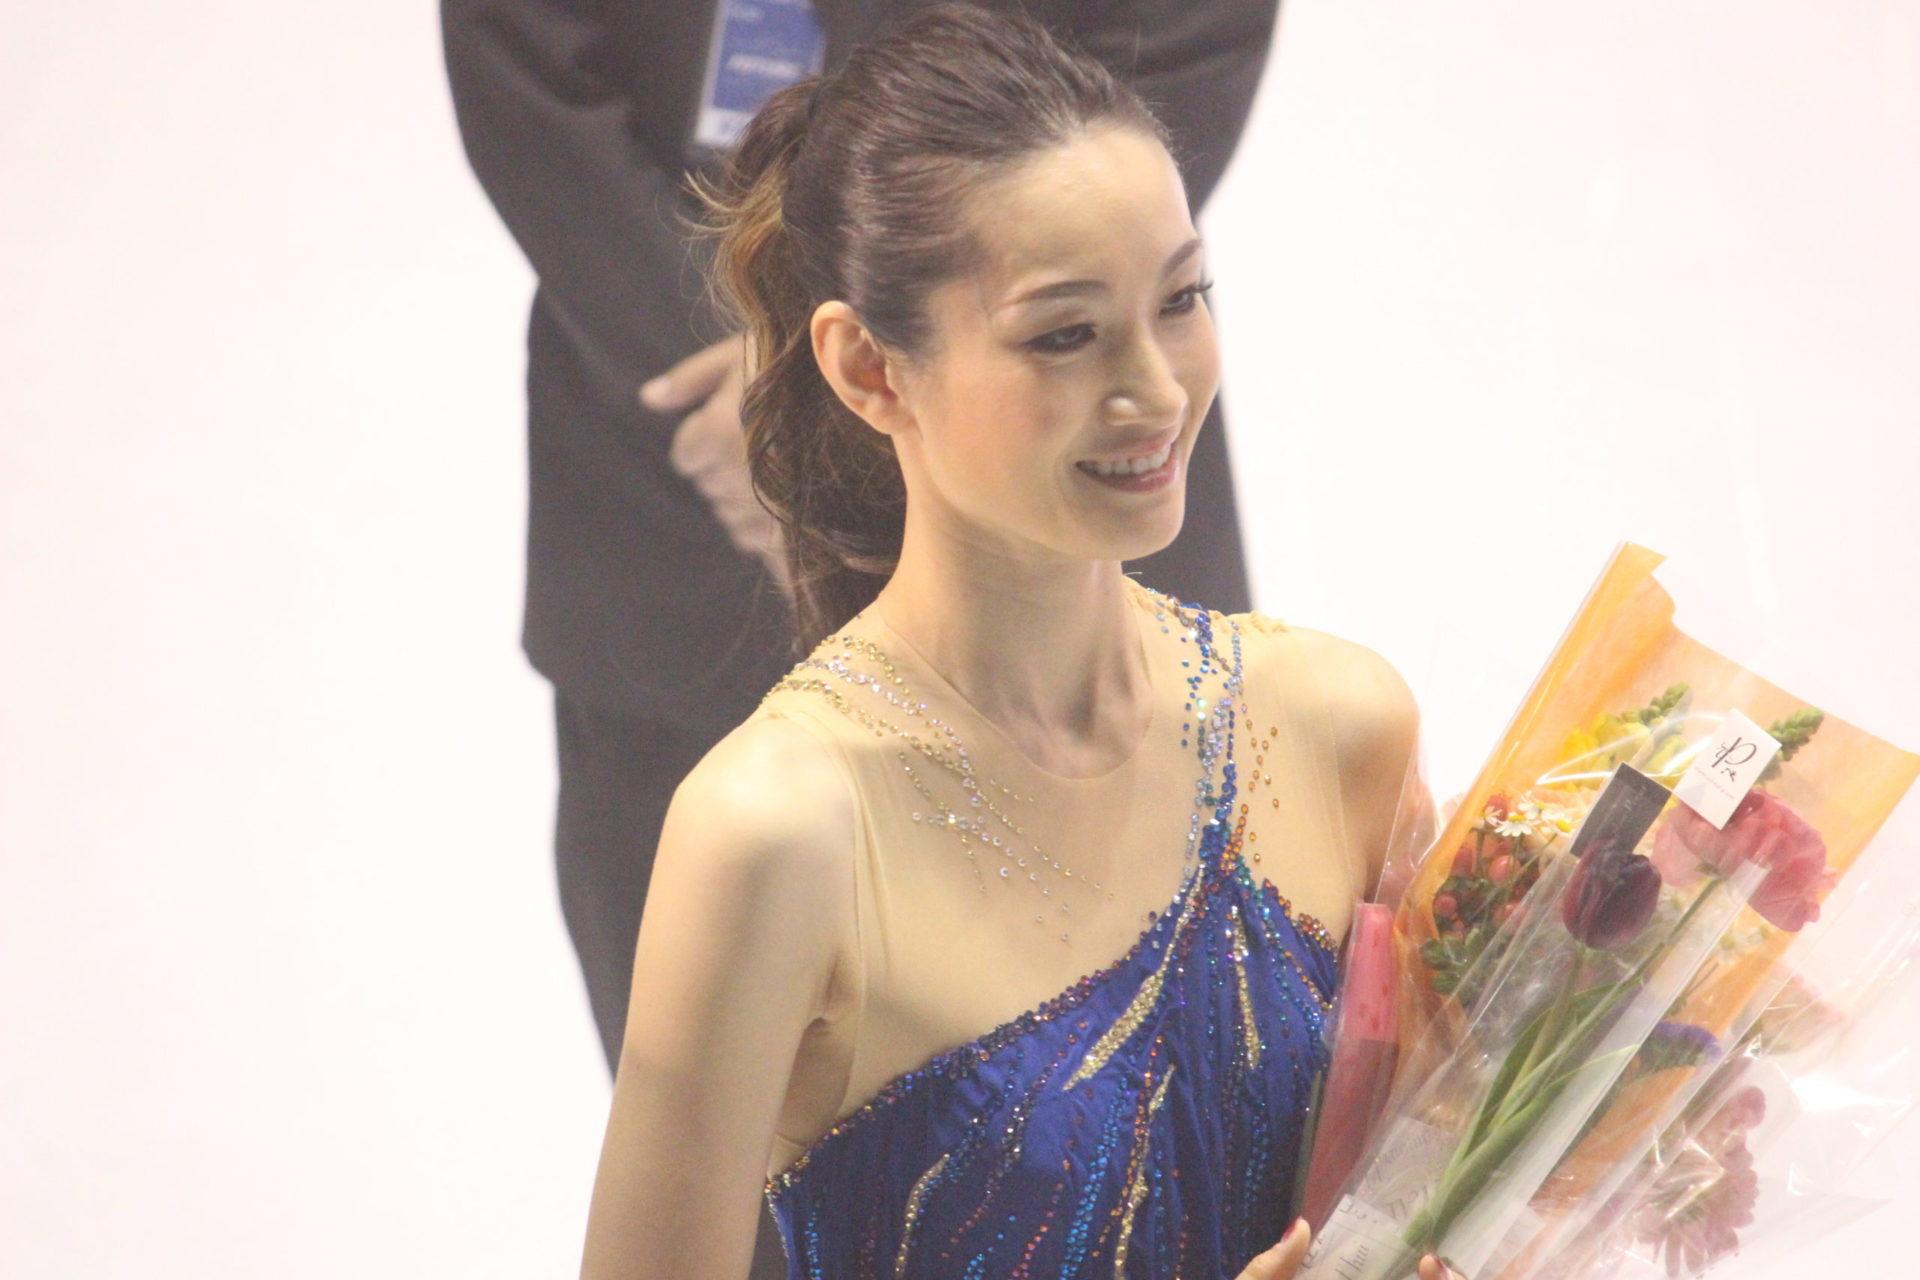 アイススケートショー『プリンスアイスワールド』に行ってきました。